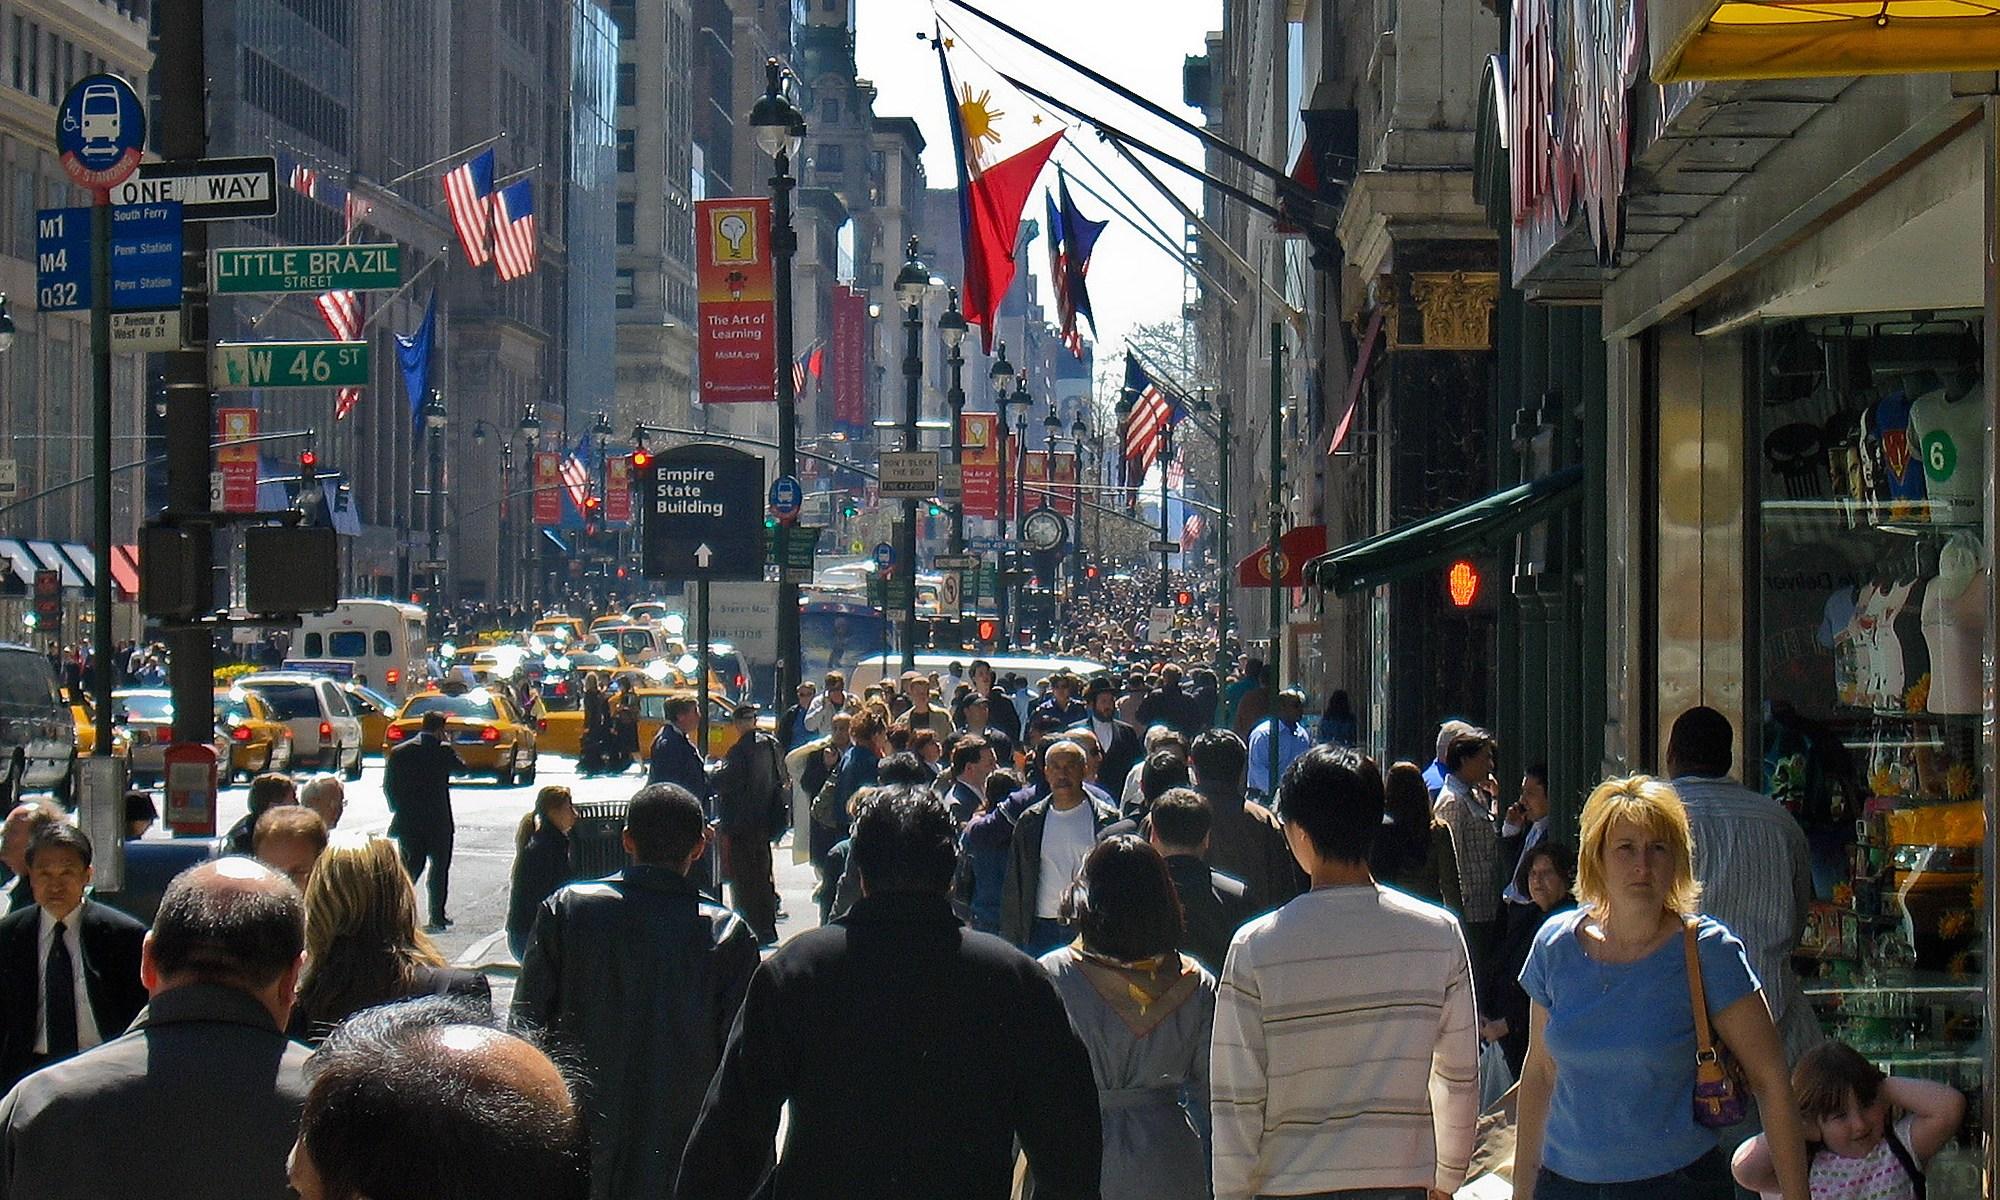 Crowded 5th Avenue Sidewalk, New York City